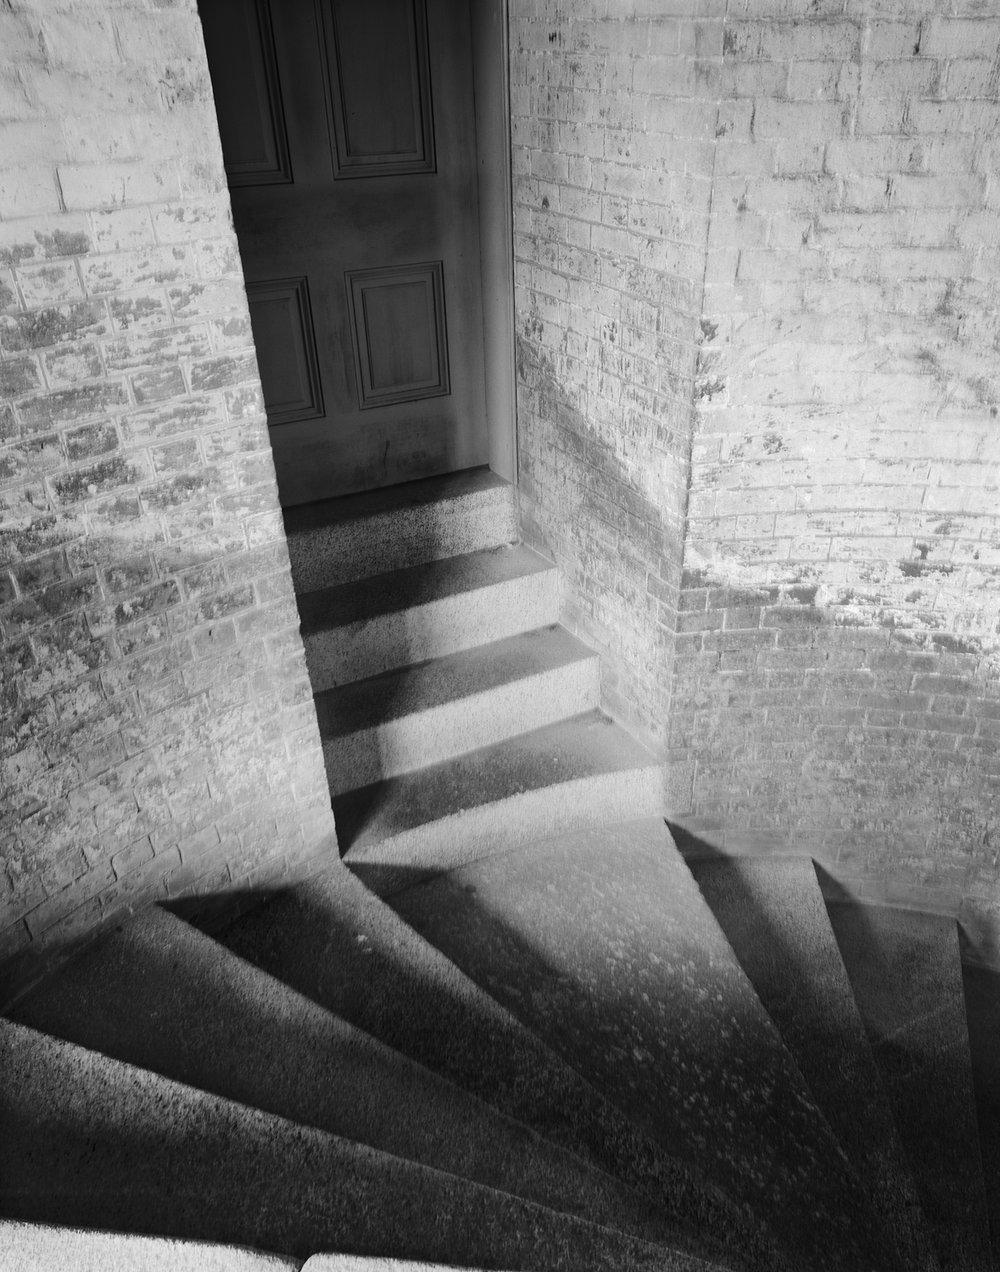 161027 Door to Stairs f32*5 Min N 8x6 Print File.jpg